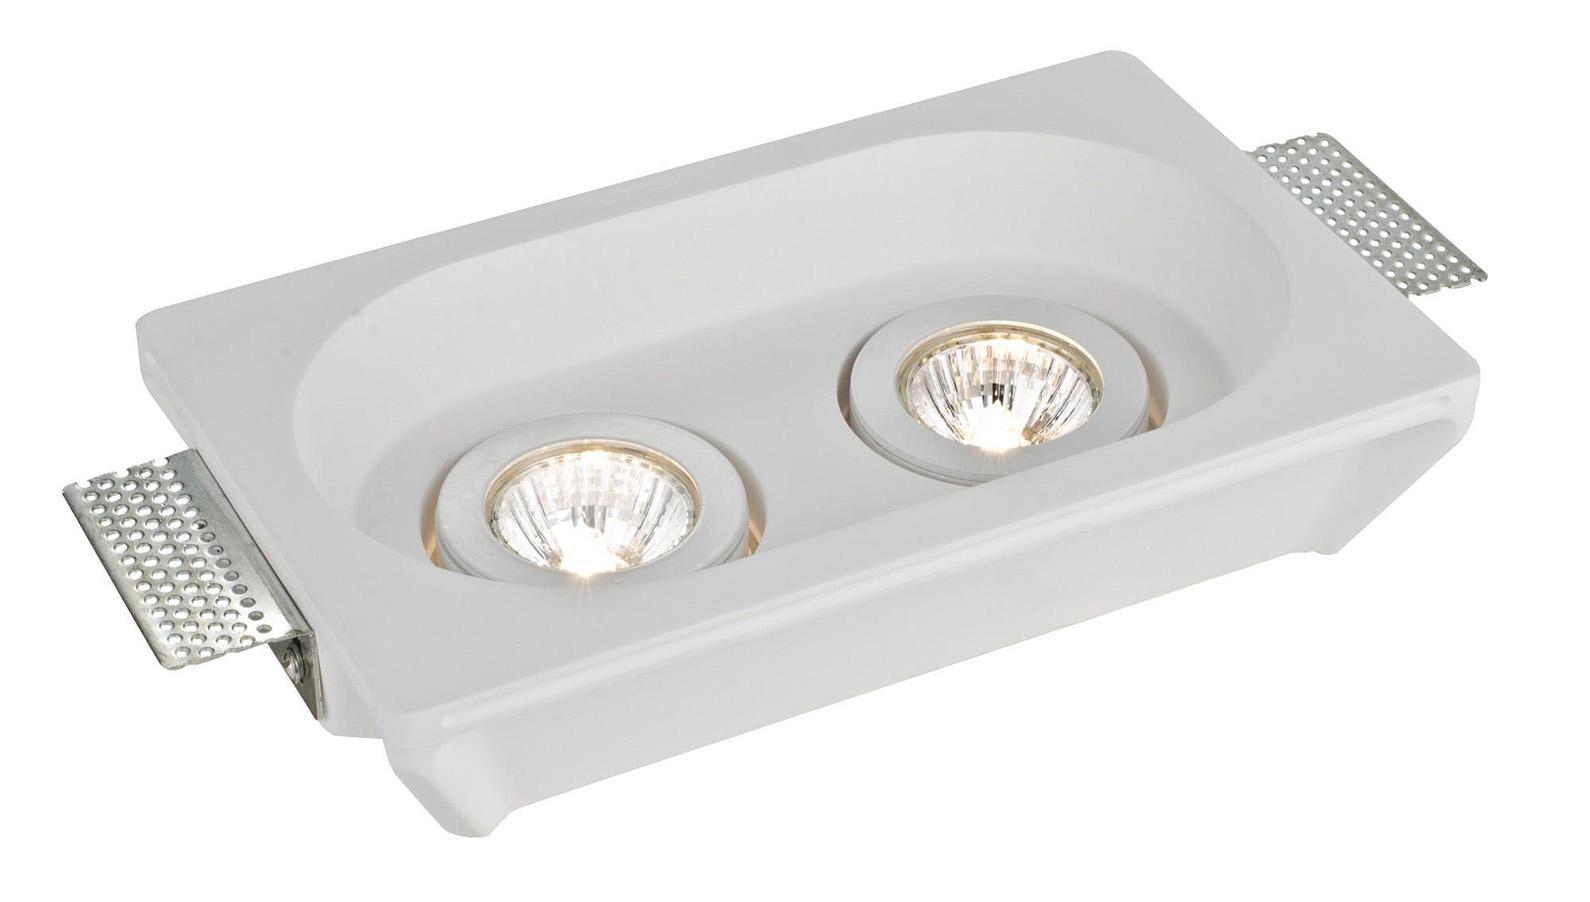 Светильник встраиваемый Arte lampСветильники встраиваемые<br>Стиль светильника: модерн, Диаметр: 155, Форма светильника: прямоугольник, Материал светильника: металл, Количество ламп: 2, Тип лампы: накаливания, Мощность: 70, Патрон: GU10, Цвет арматуры: белый, Назначение светильника: для комнаты, Вес нетто: 1.7, Коллекция: 9215<br>